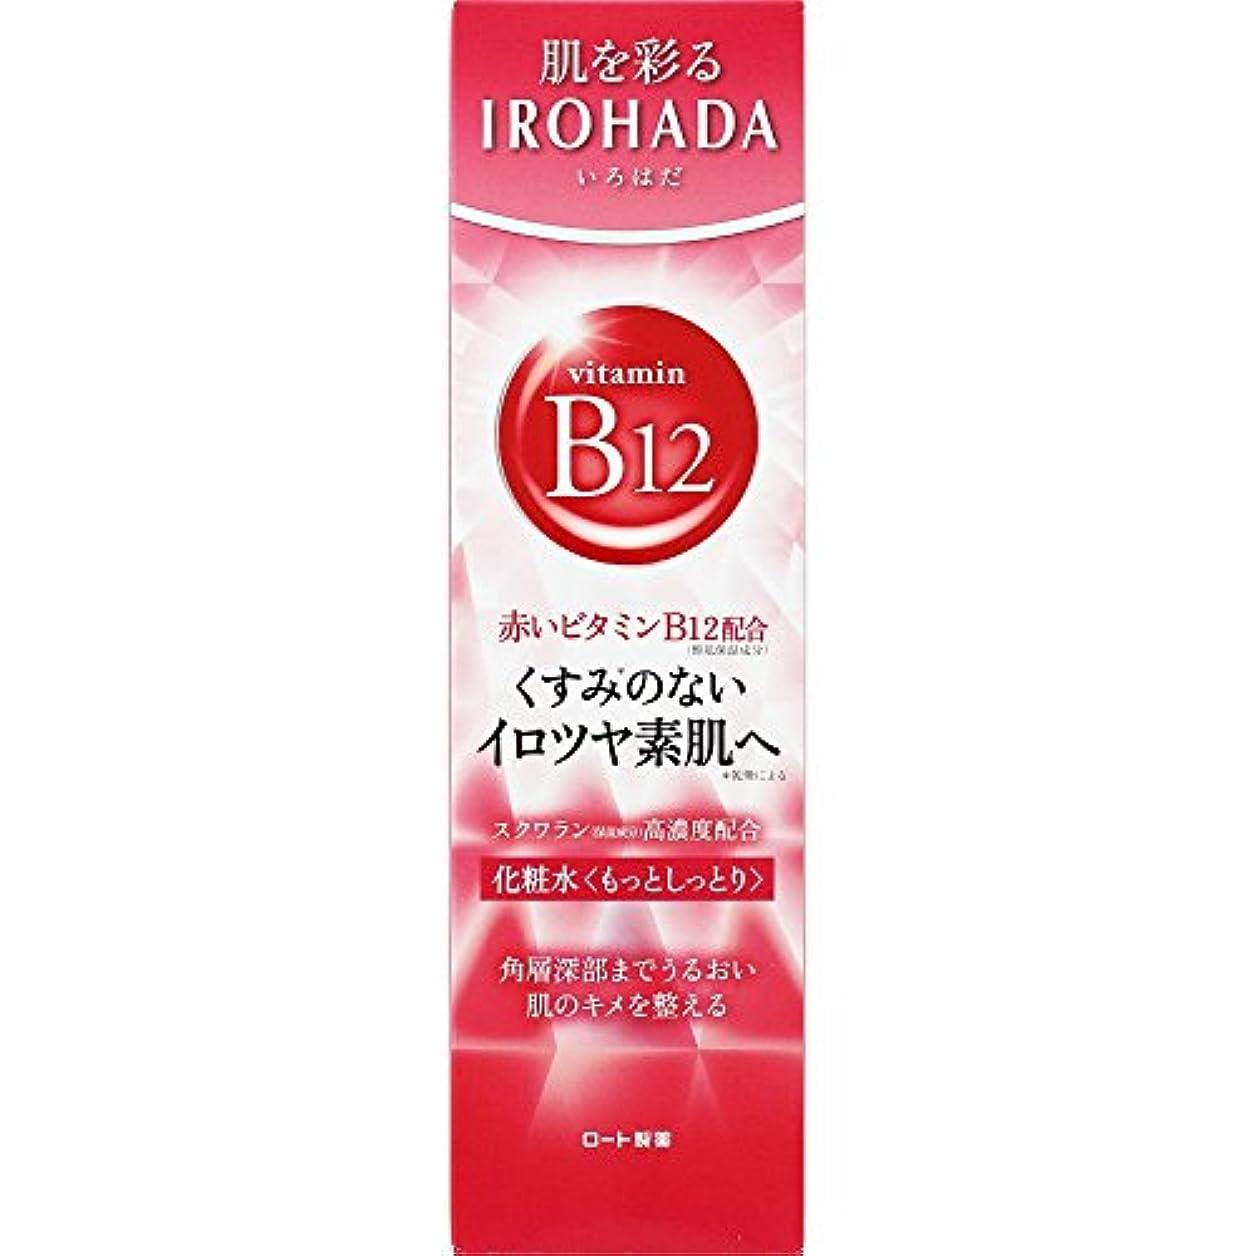 貼り直す脊椎職業ロート製薬 いろはだ (IROHADA) 赤いビタミンB12×スクワラン配合 化粧水もっとしっとり 160ml